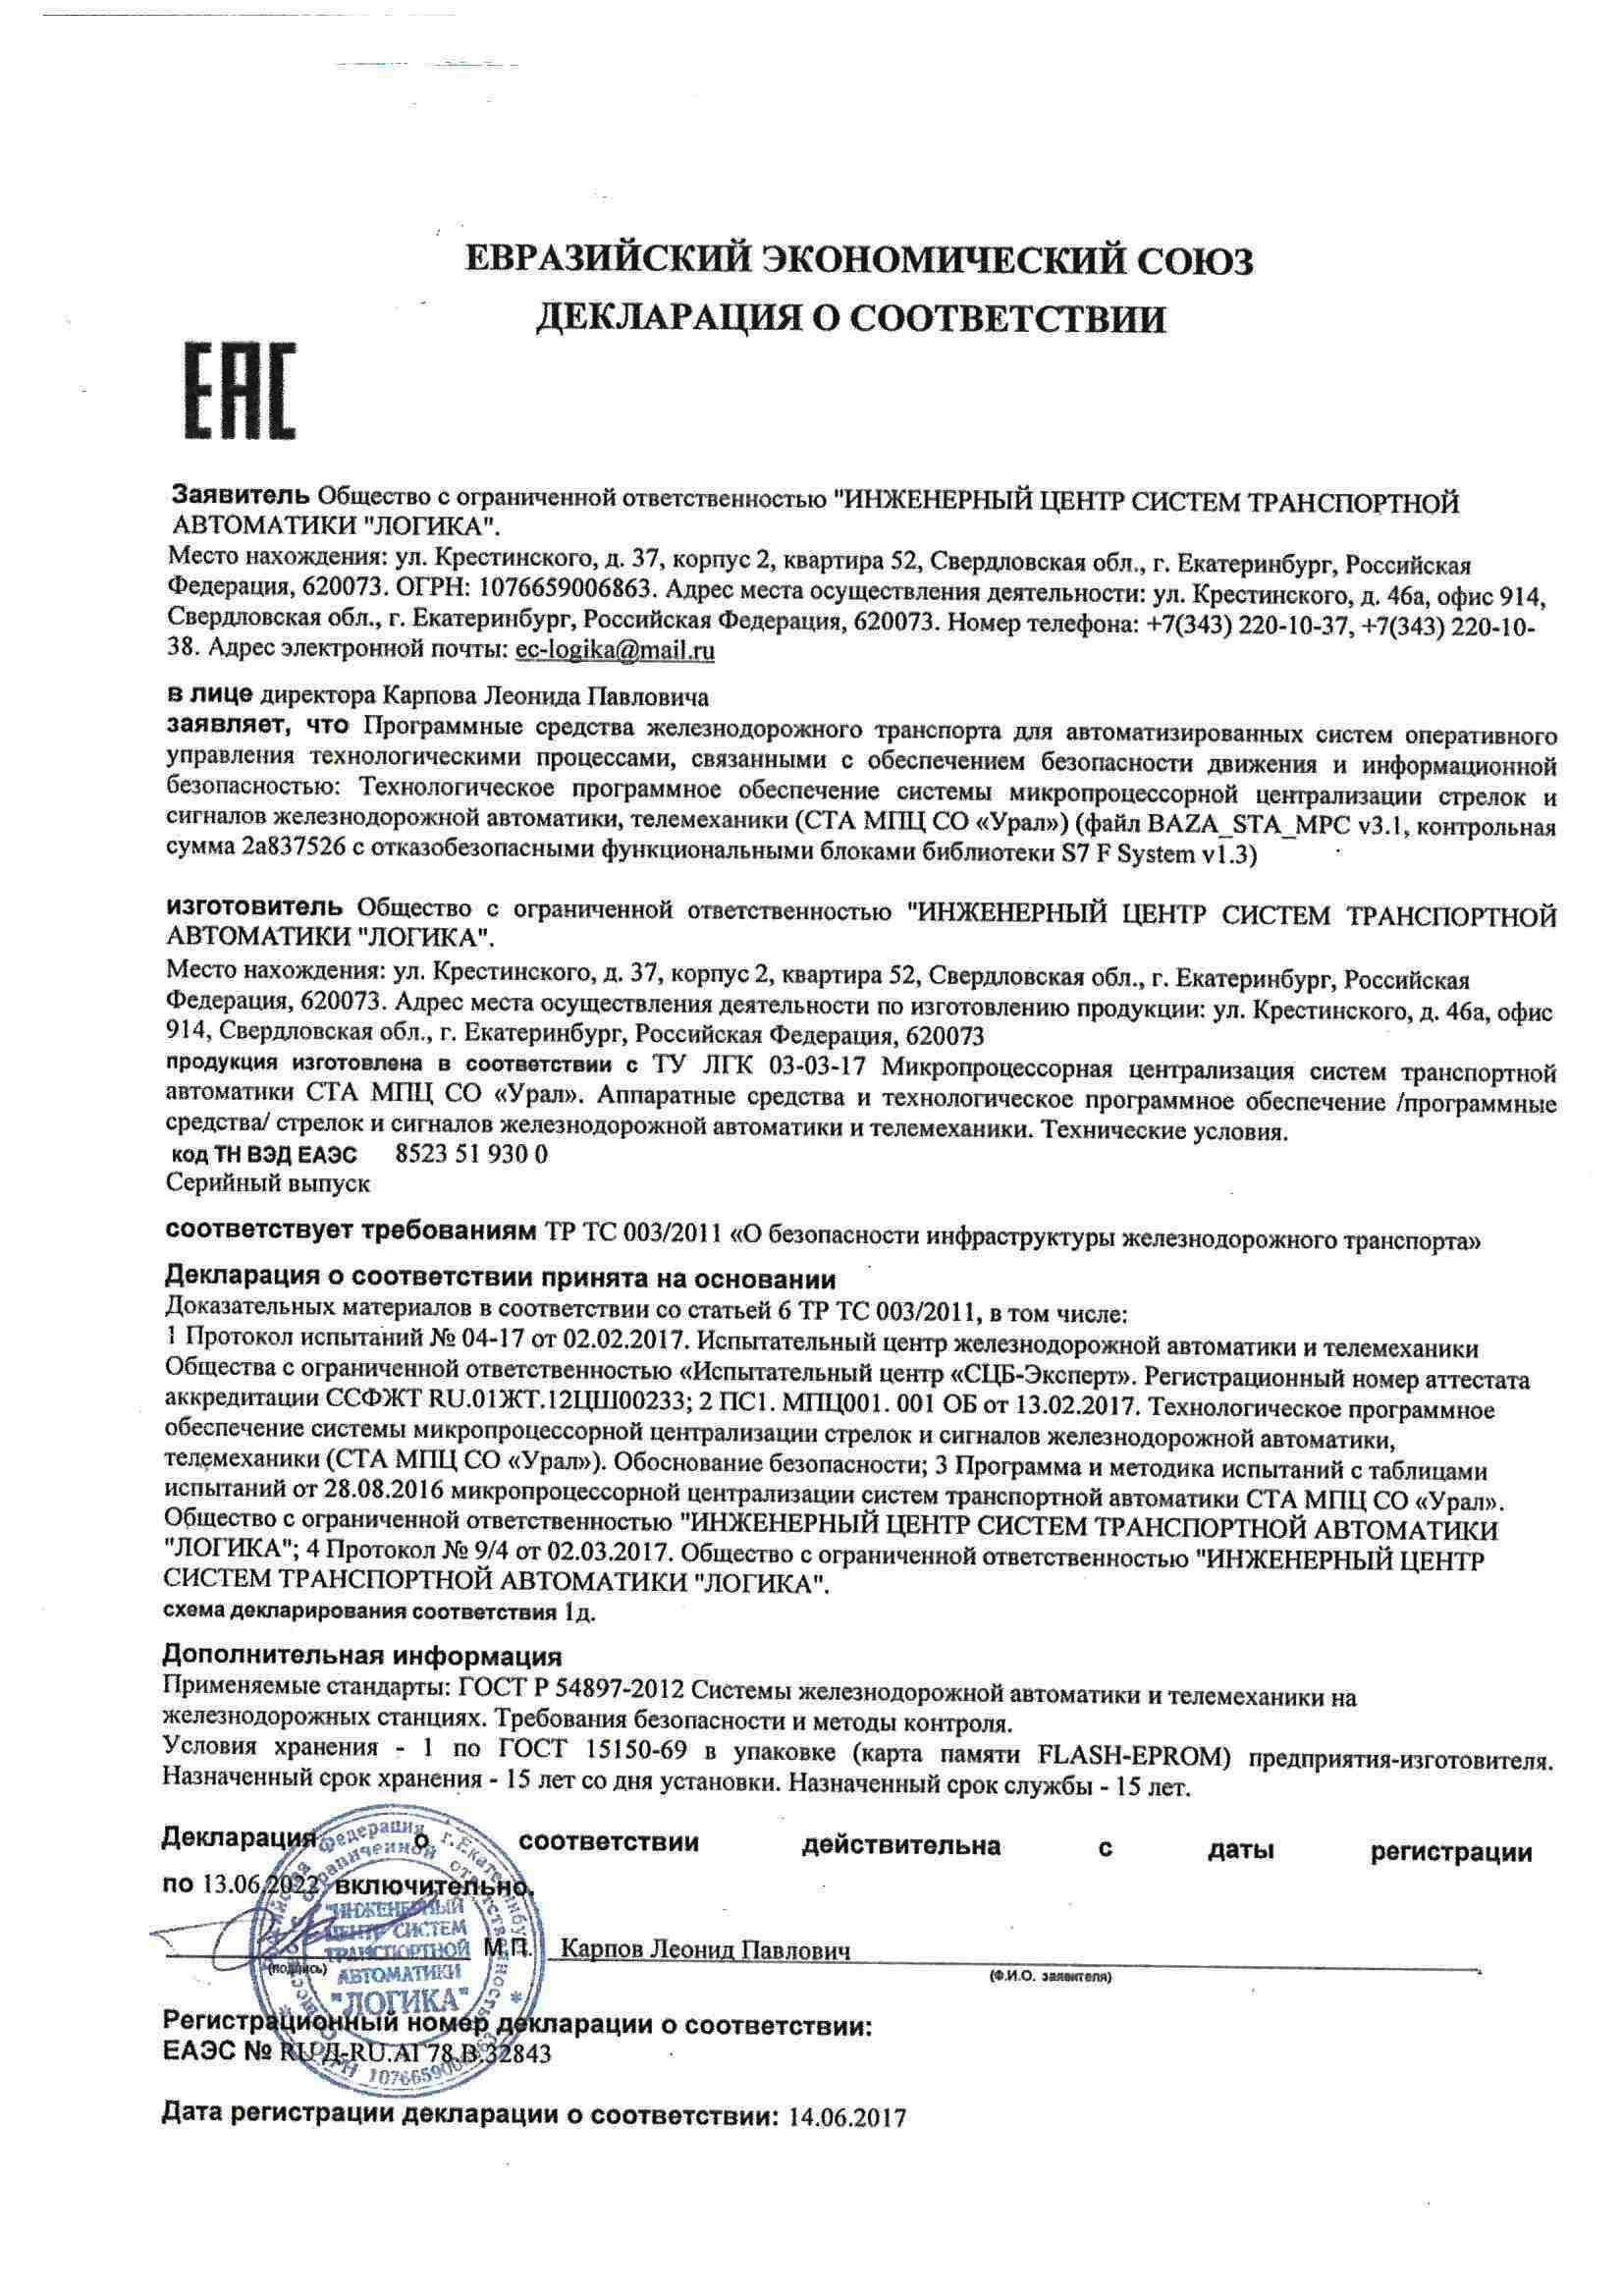 Запись в национальной части единого реестра зарегистрированных деклараций о соответствии за номером ЕАЭС №RU Д-RU.АГ78.В.32843